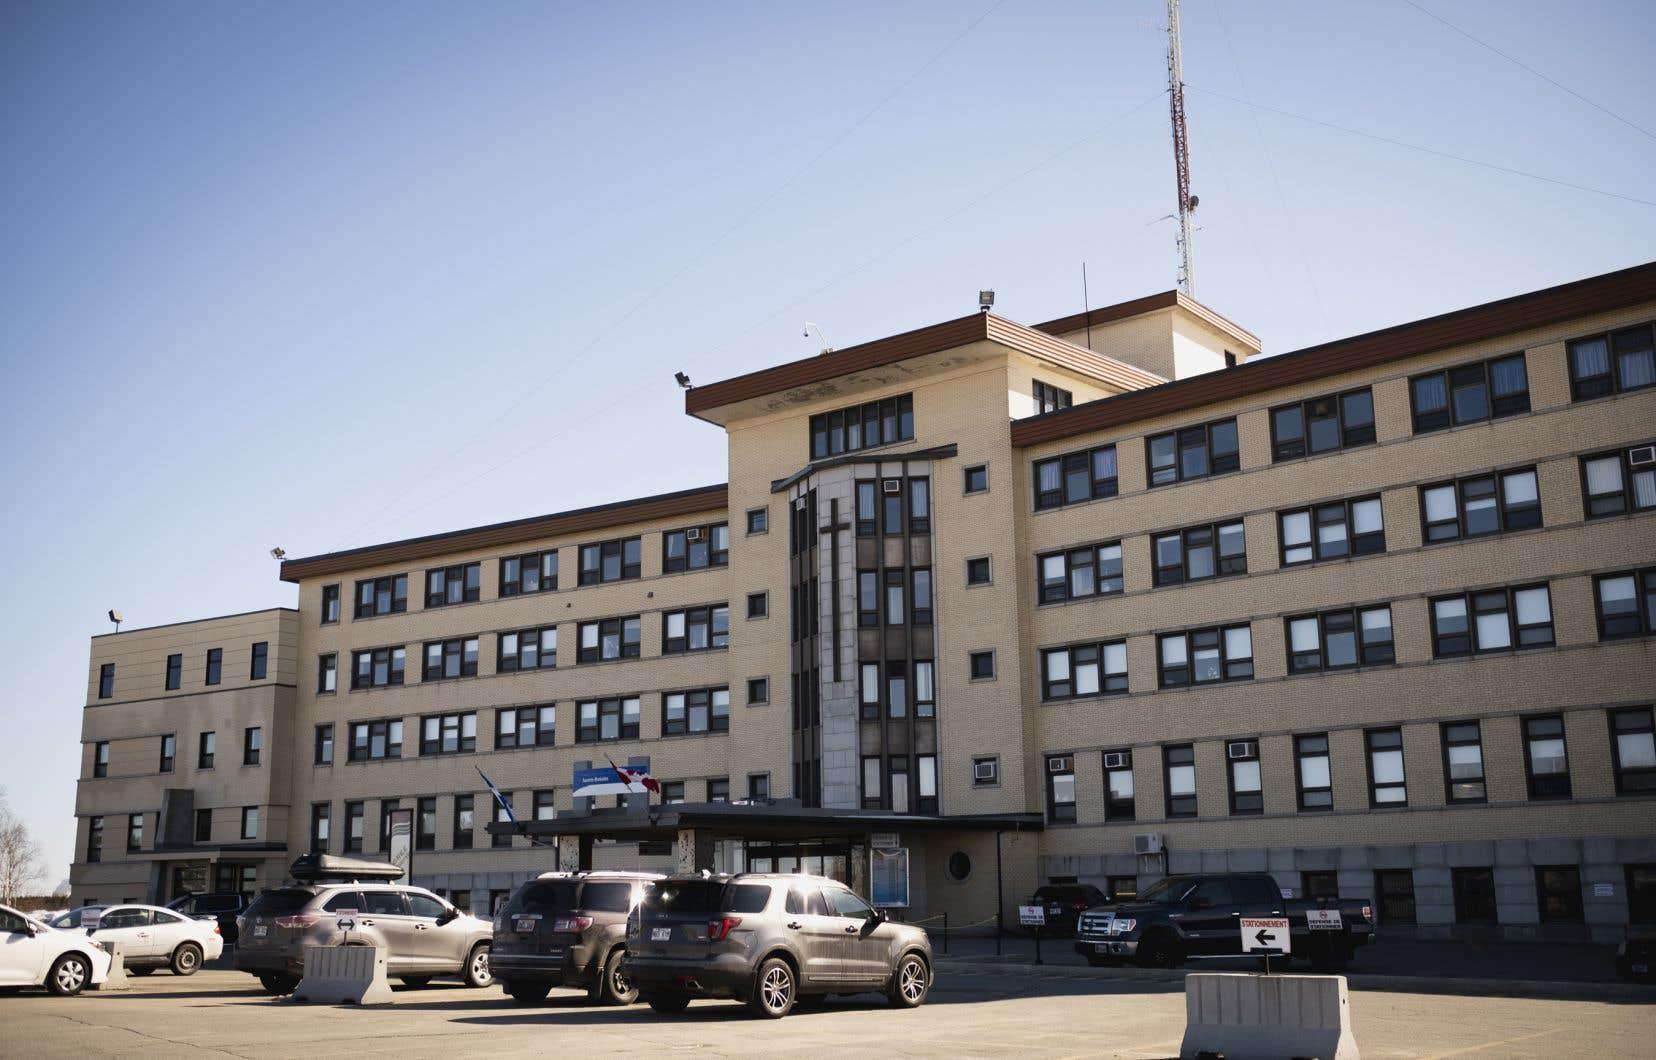 Des réductions de services sont entre autres prévues à l'hôpital de La Sarre. Le nombre de lits de soins intensifs et d'hospitalisation de courte durée sera réduit de moitié. Les services ambulatoires, quant à eux, seront maintenus «au minimum», indique le CISSS de l'Abitibi-Témiscamingue.